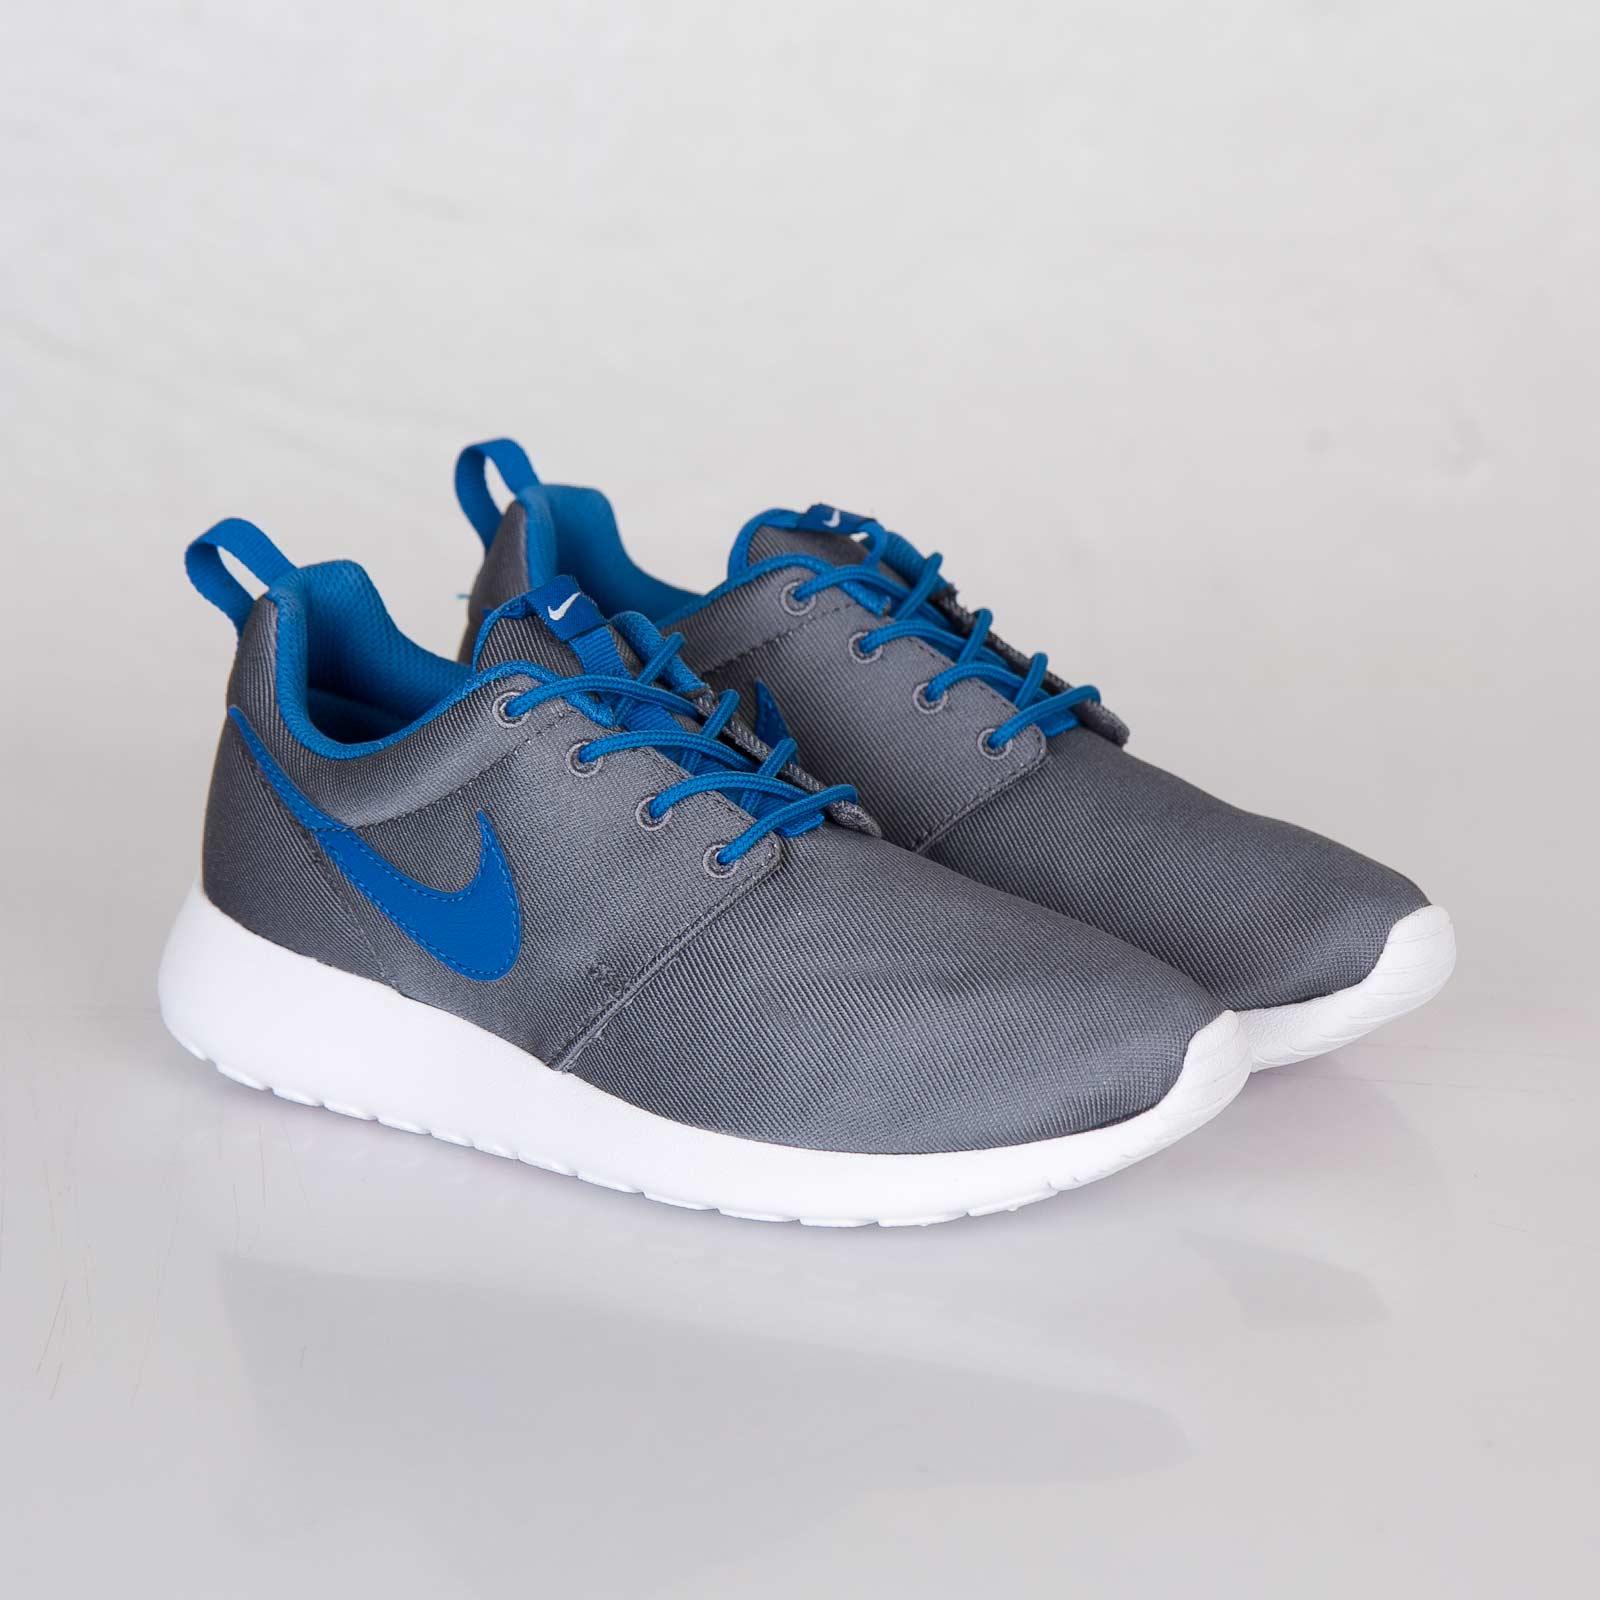 bab59a73ab65 ... grey blue Nike Roshe Run (GS) ...